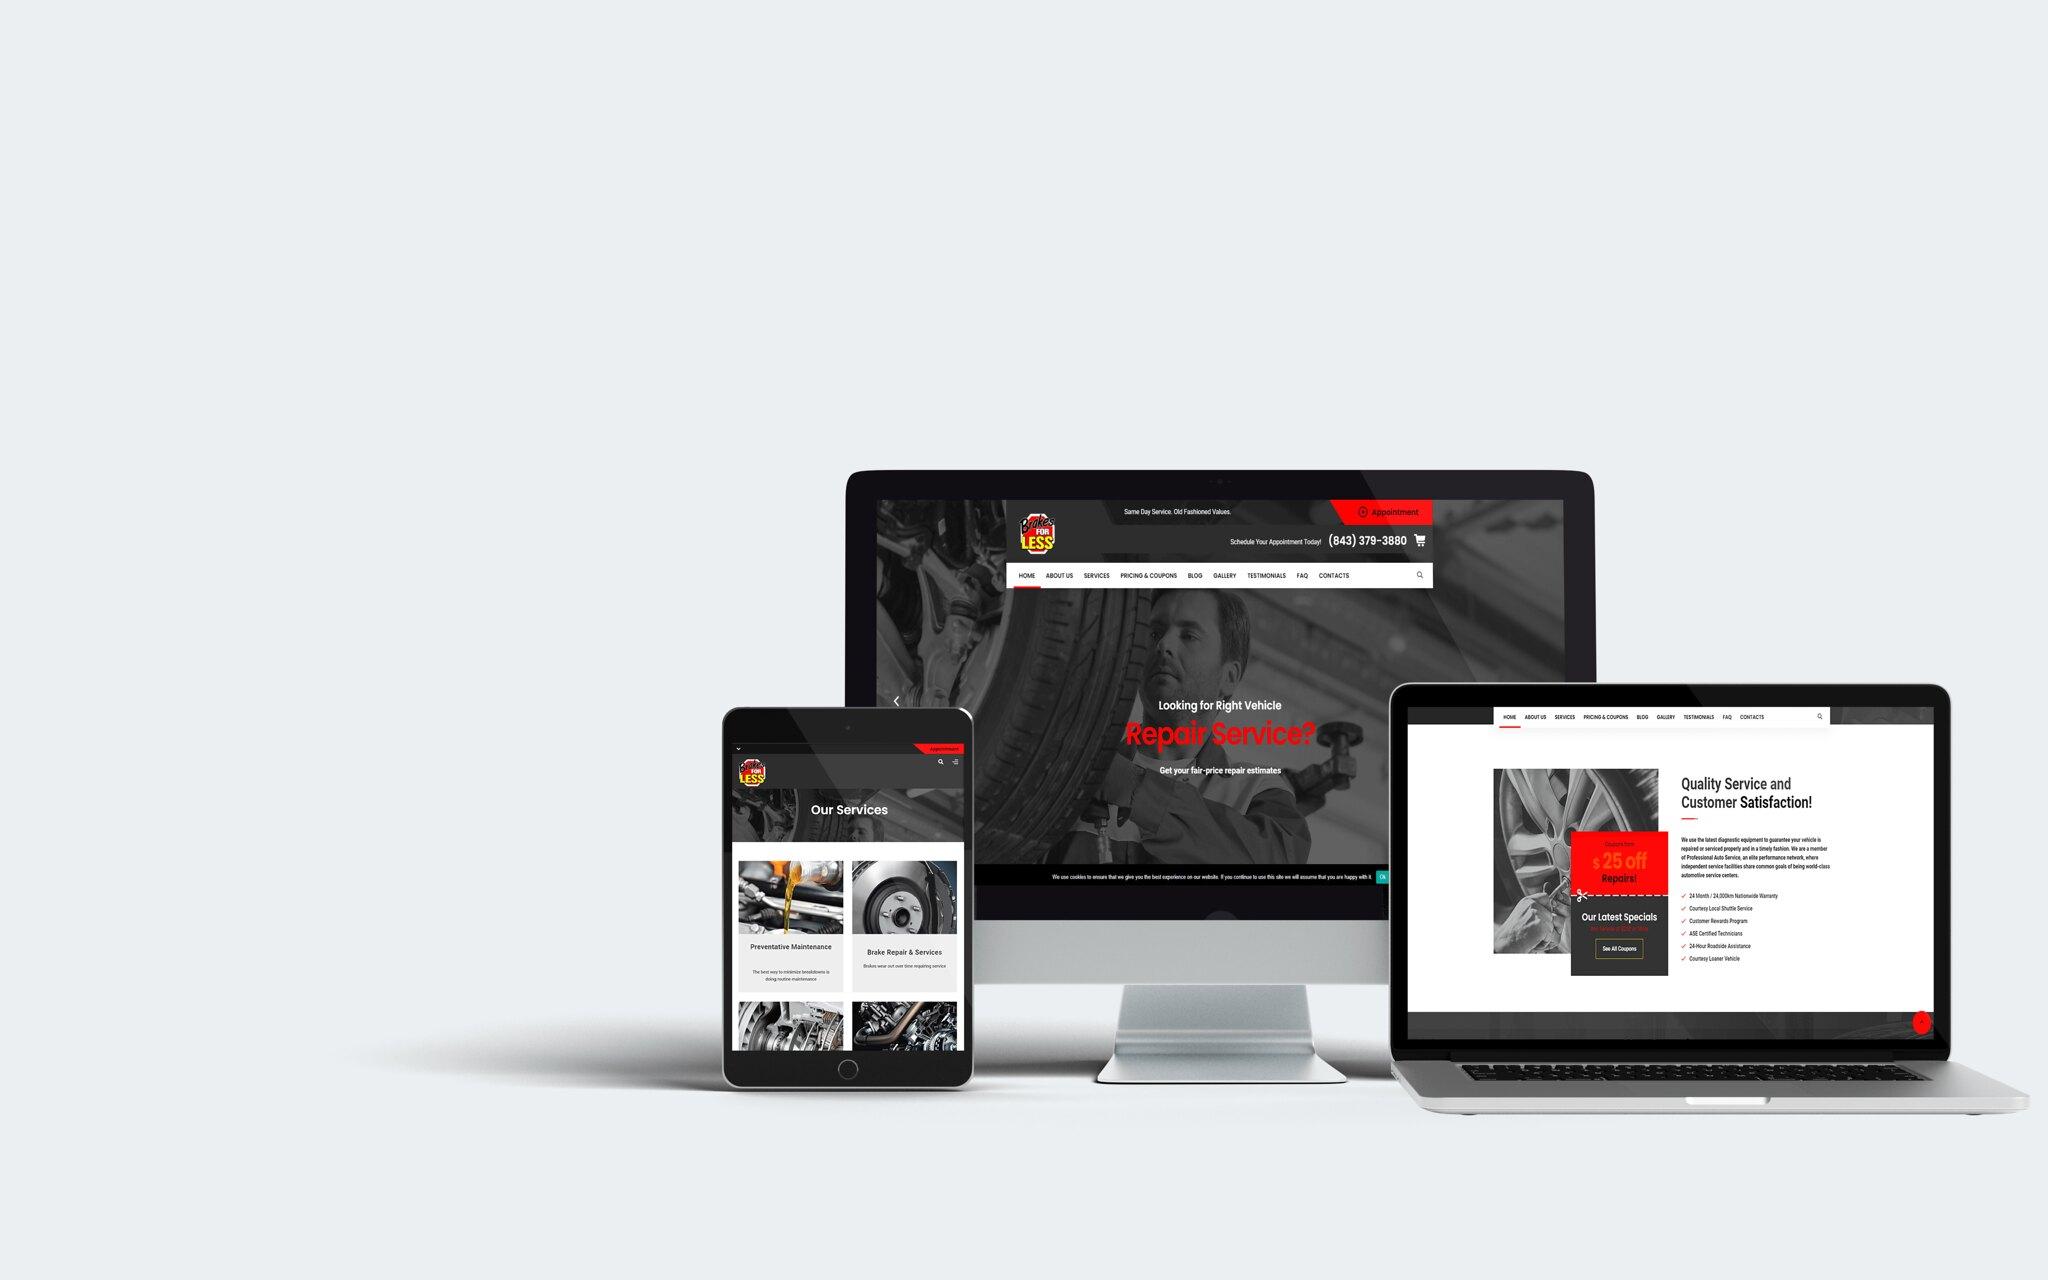 Brakes for Less WordPress Web Design Tuyen Chau